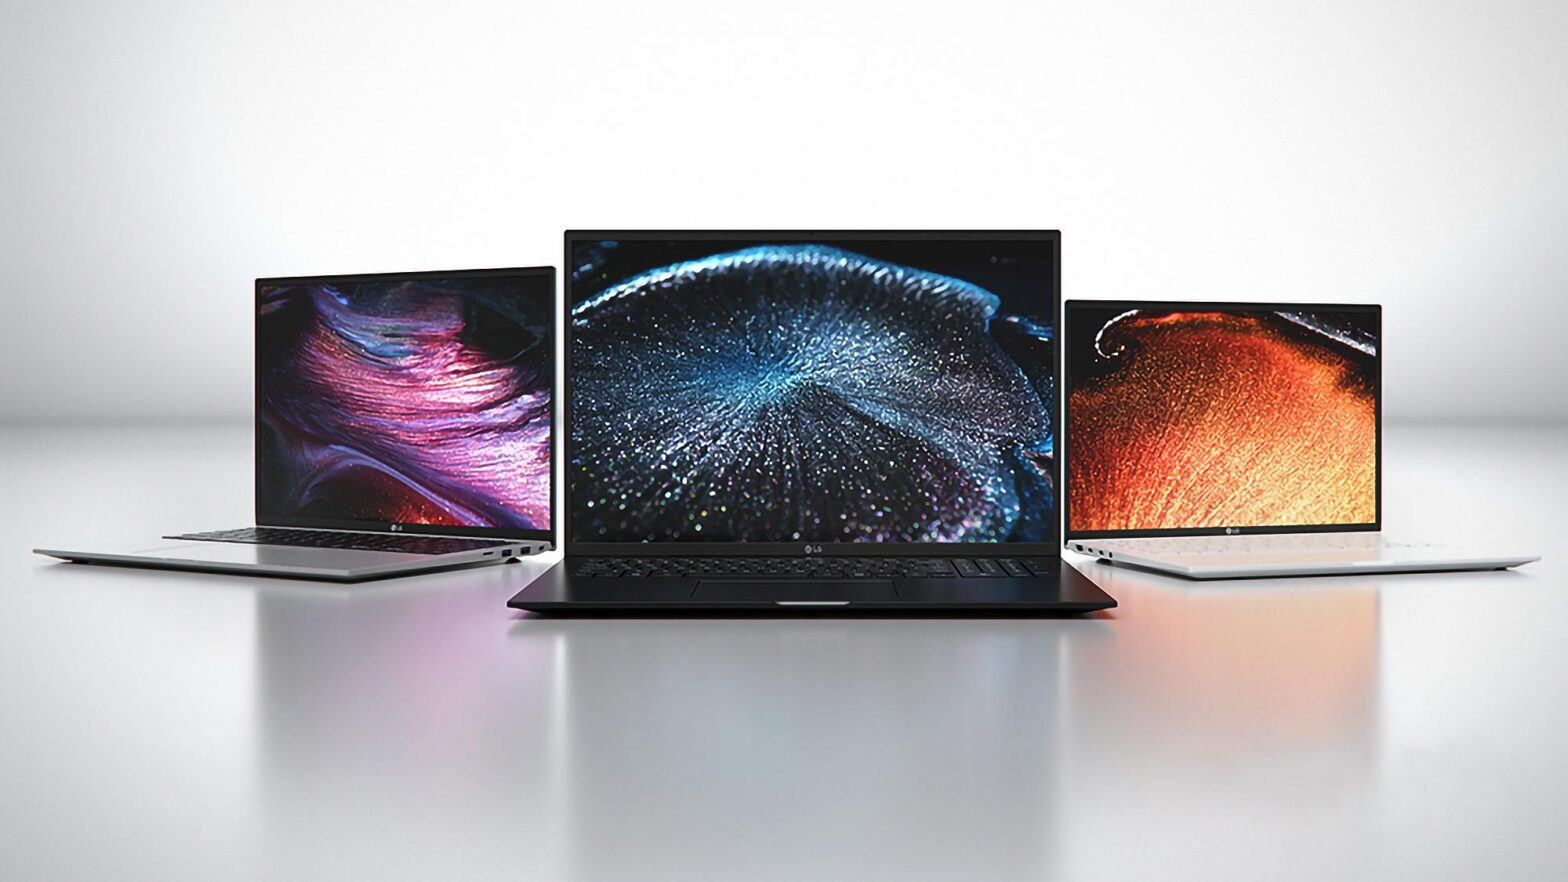 2021 LG gram Laptops CES 2021